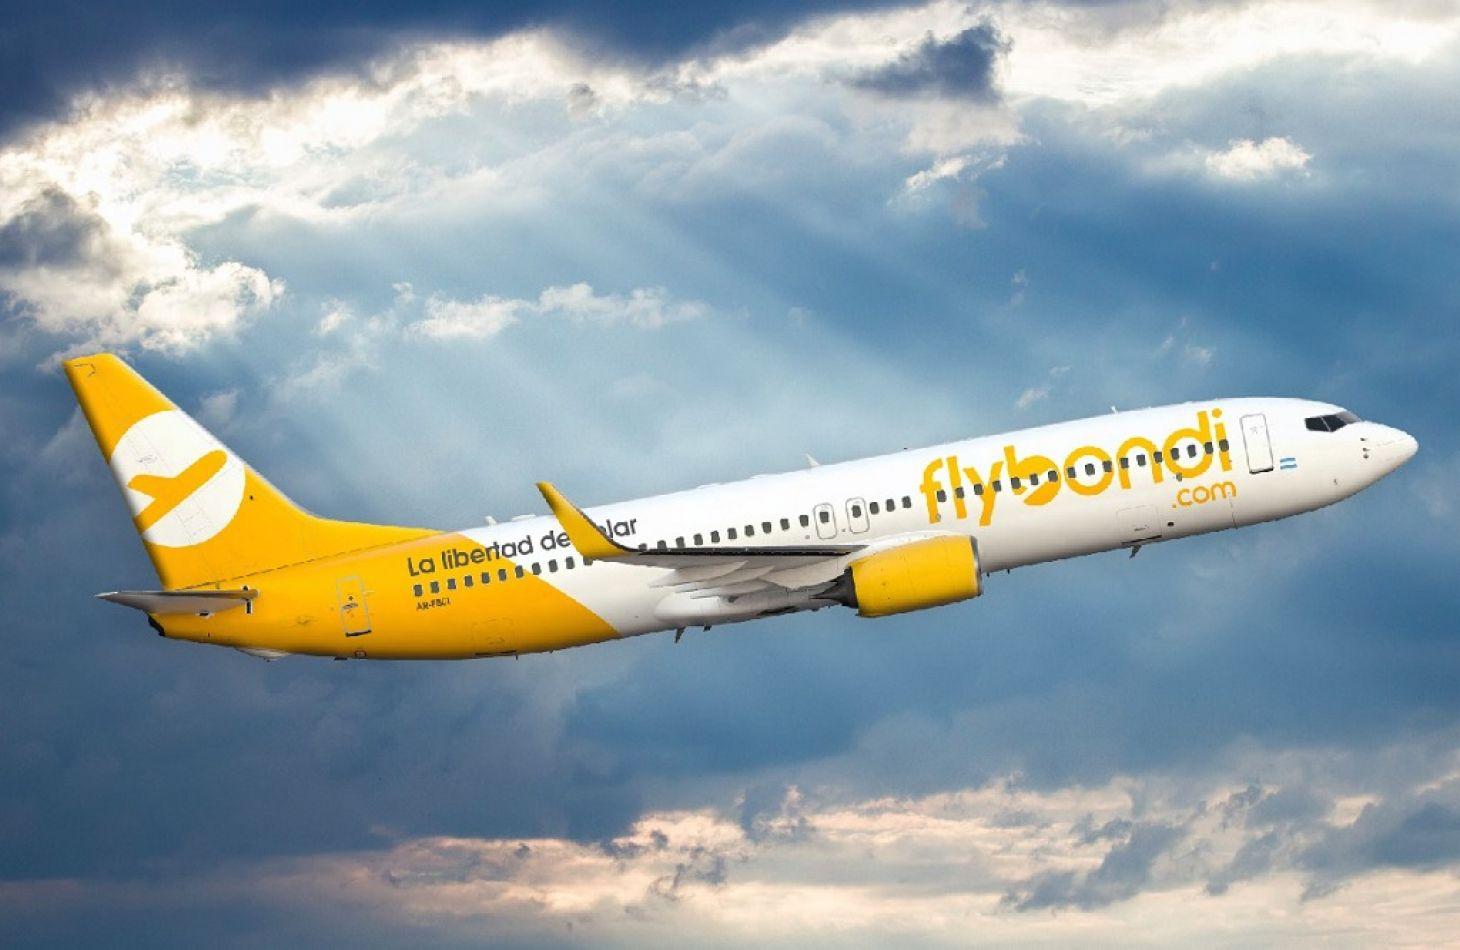 """""""Me gustaría vender pasajes a $200, más allá de que eso no se puede hacer porque no permiten hacerlo a menos de $500"""", sostuvo el CEO de Flybondi."""